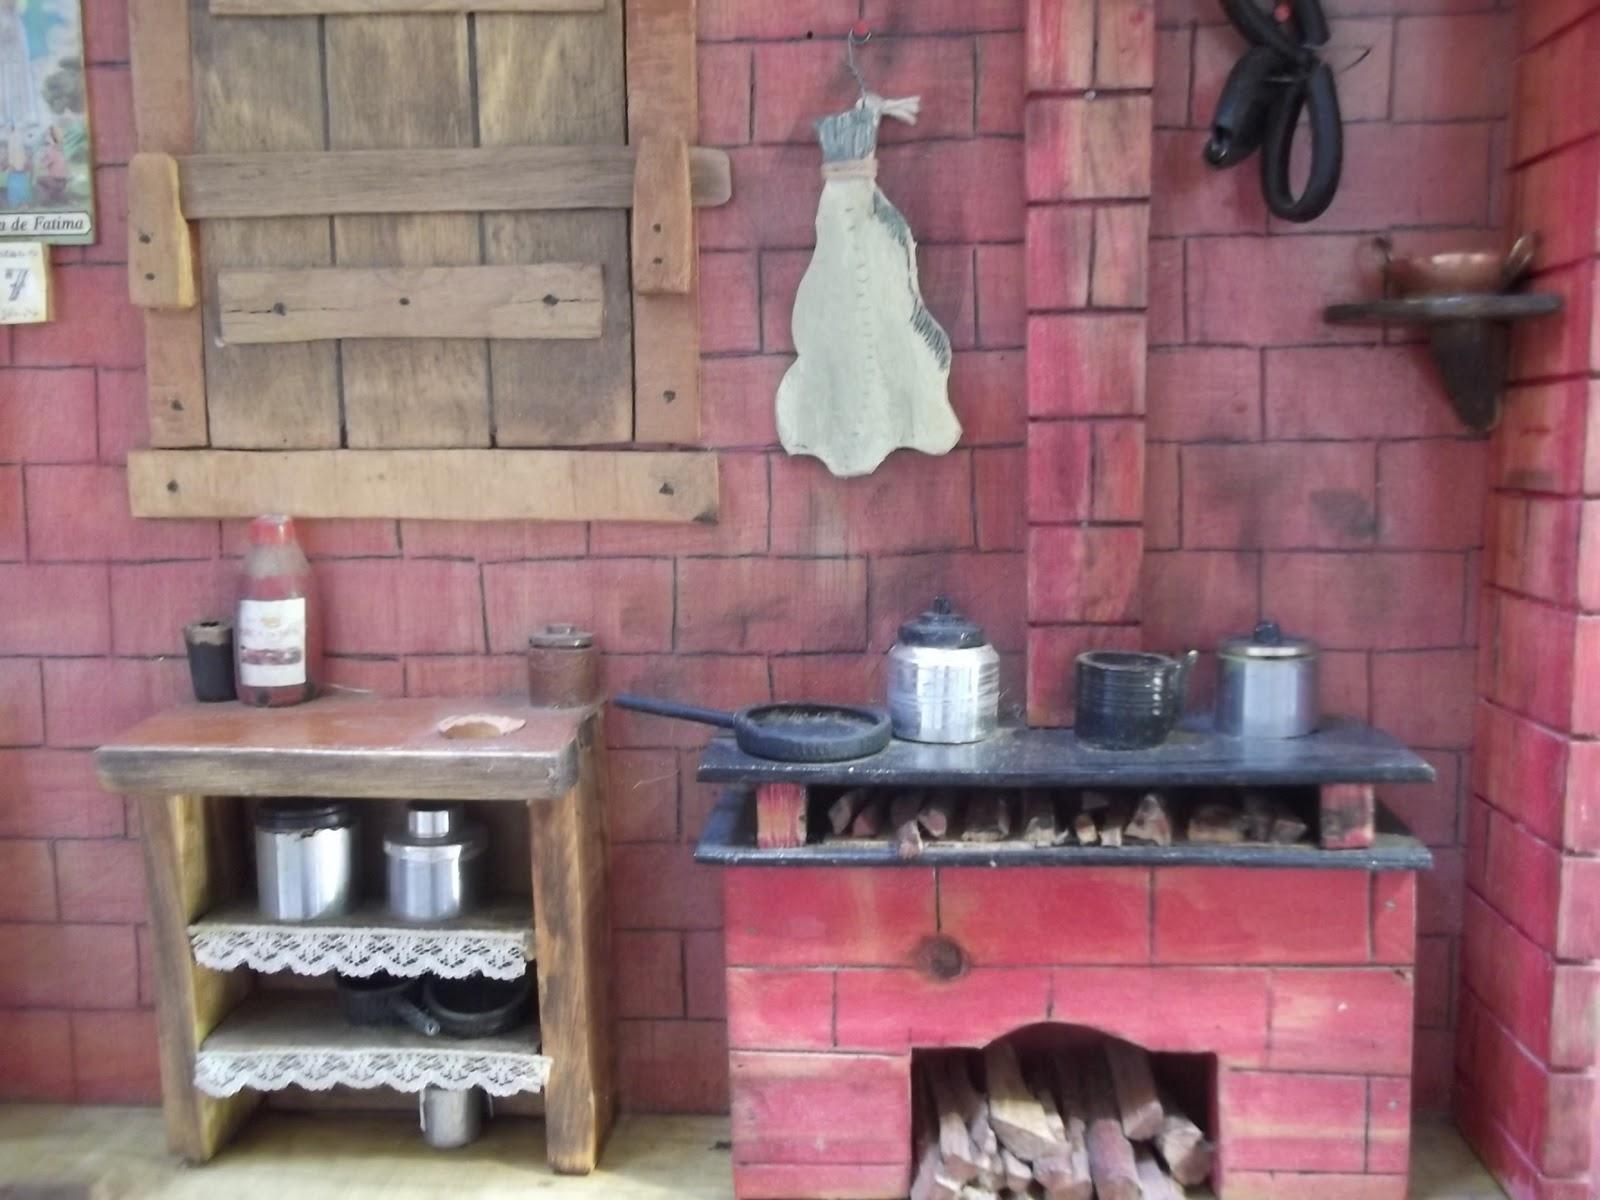 madeira reciclada detalhes cozinha portuguesa miniatura em madeira #92394B 1600x1200